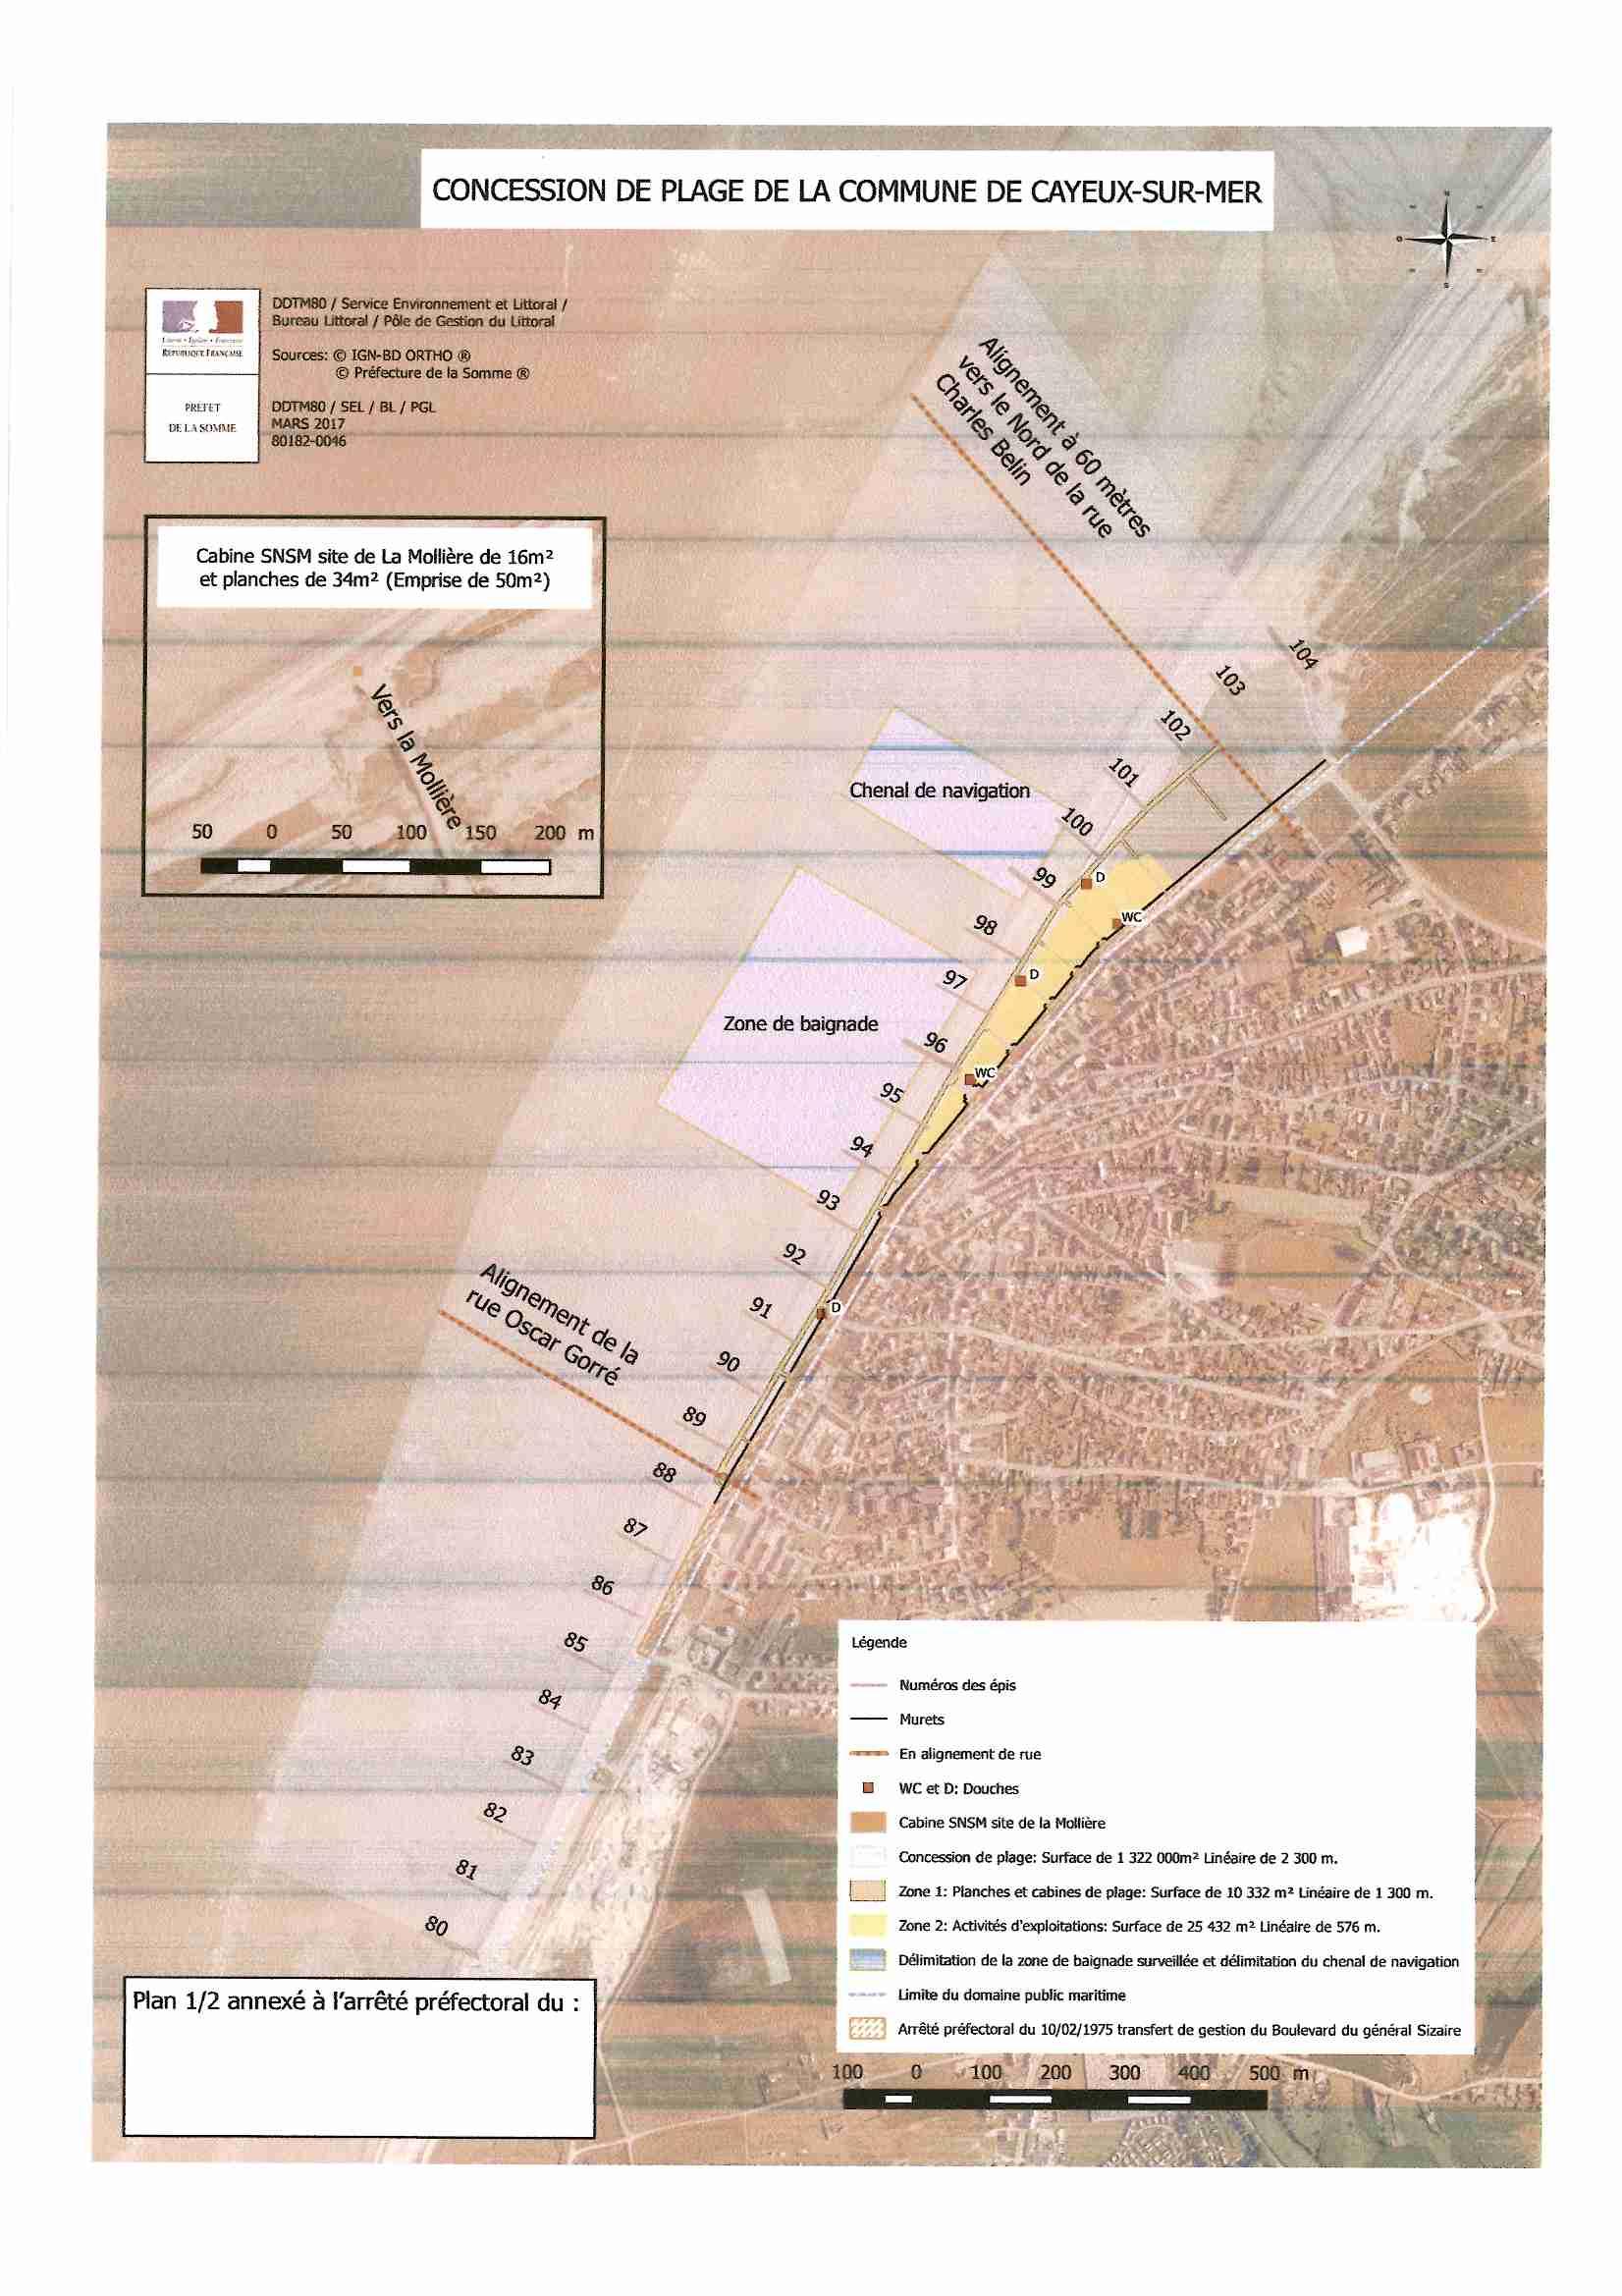 plan concession de plage-Cayeux-sur-mer 2018